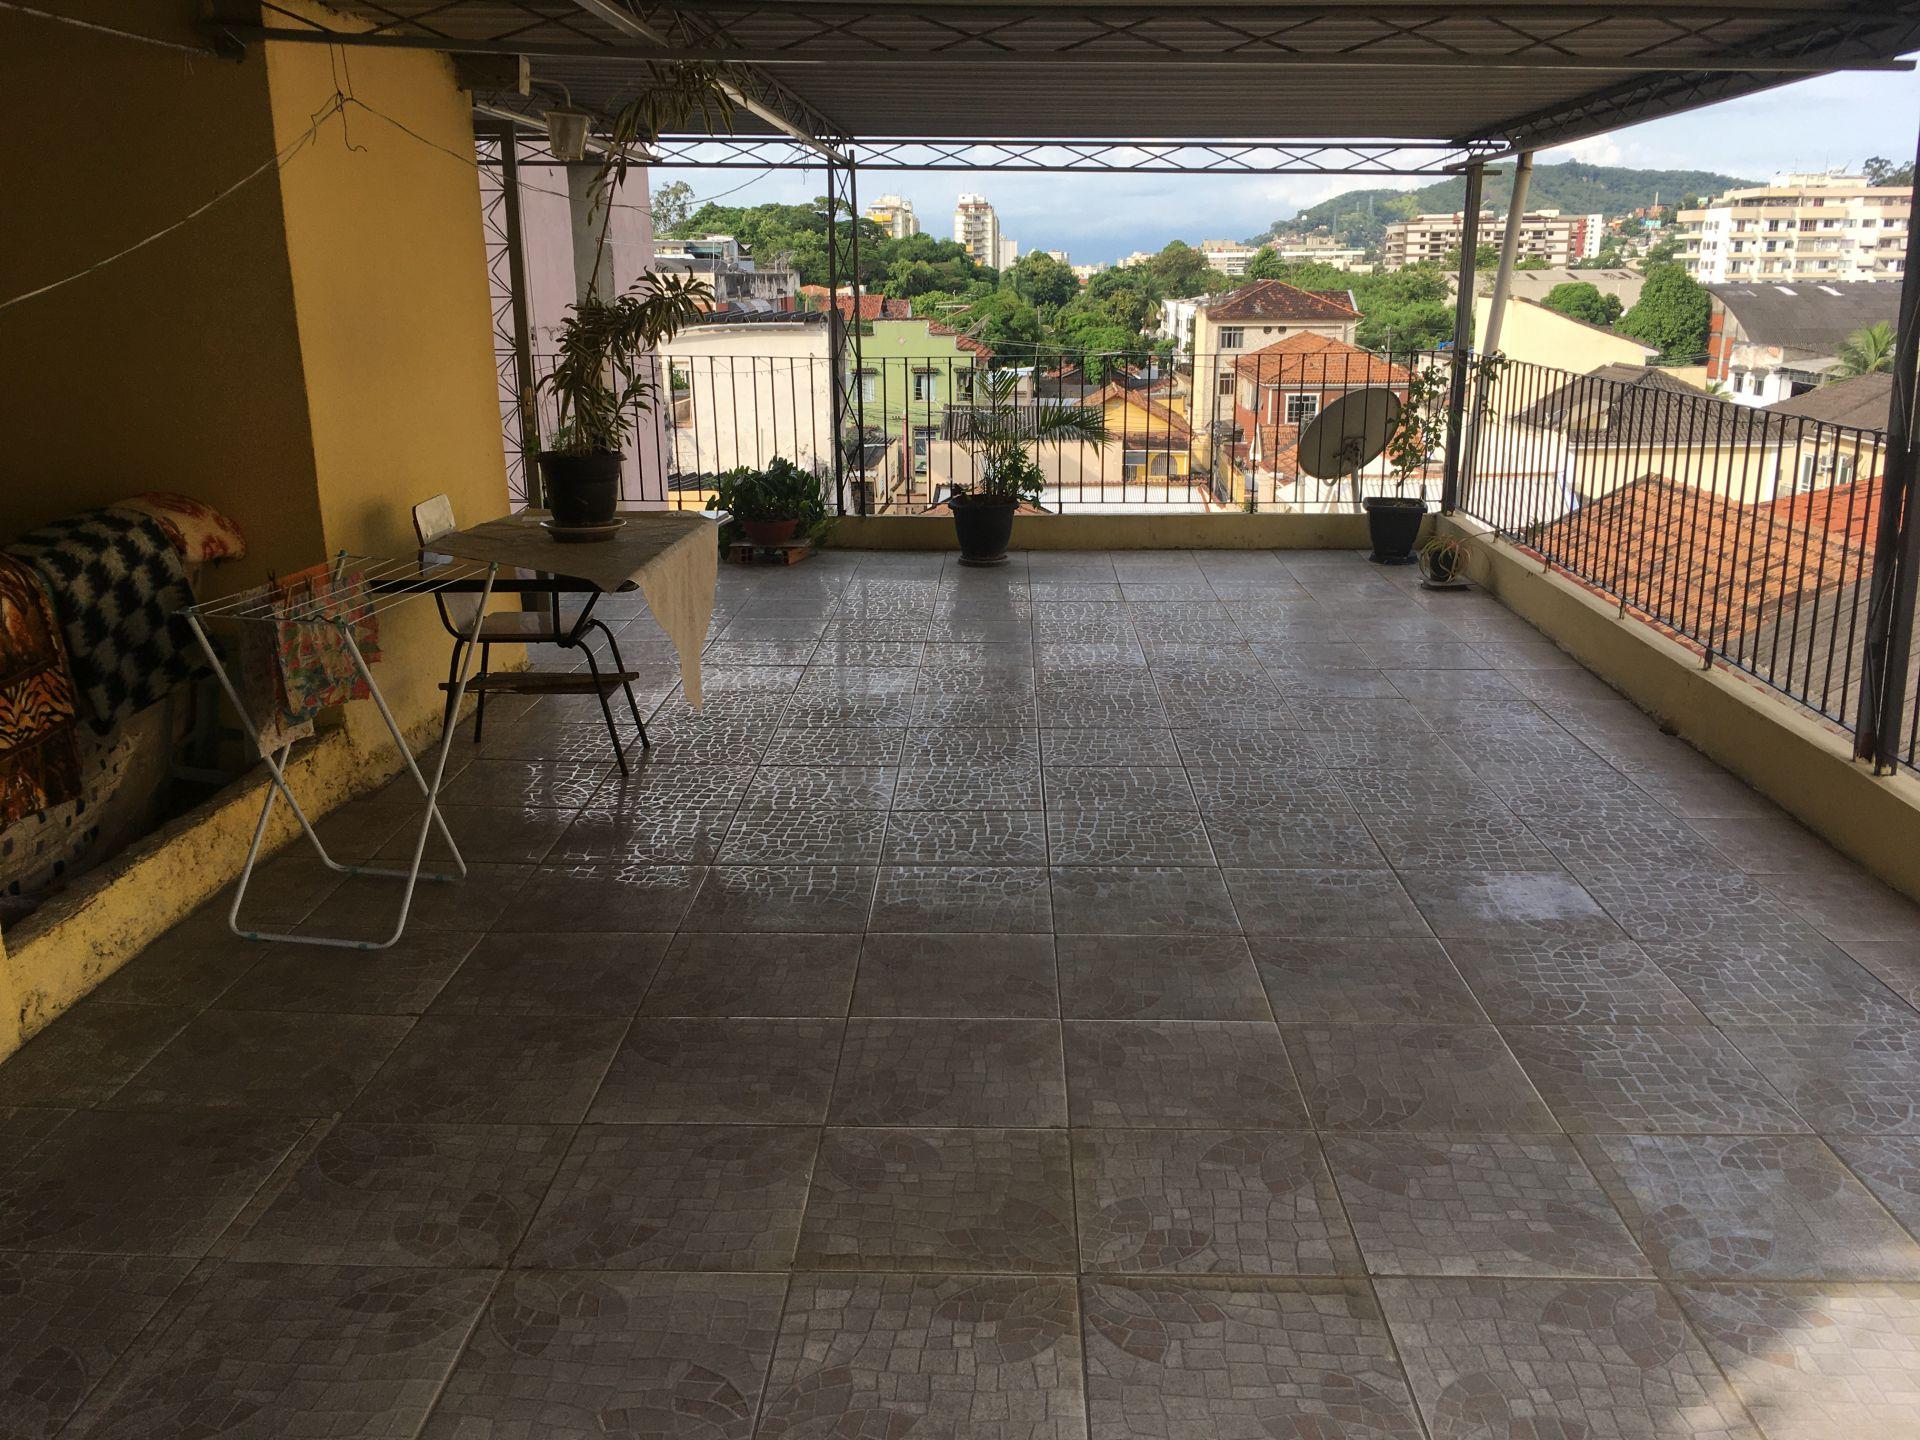 FOTO 17 - Casa de Vila à venda Beco Mário Pereira,Praça Seca, Rio de Janeiro - R$ 350.000 - RF253 - 18